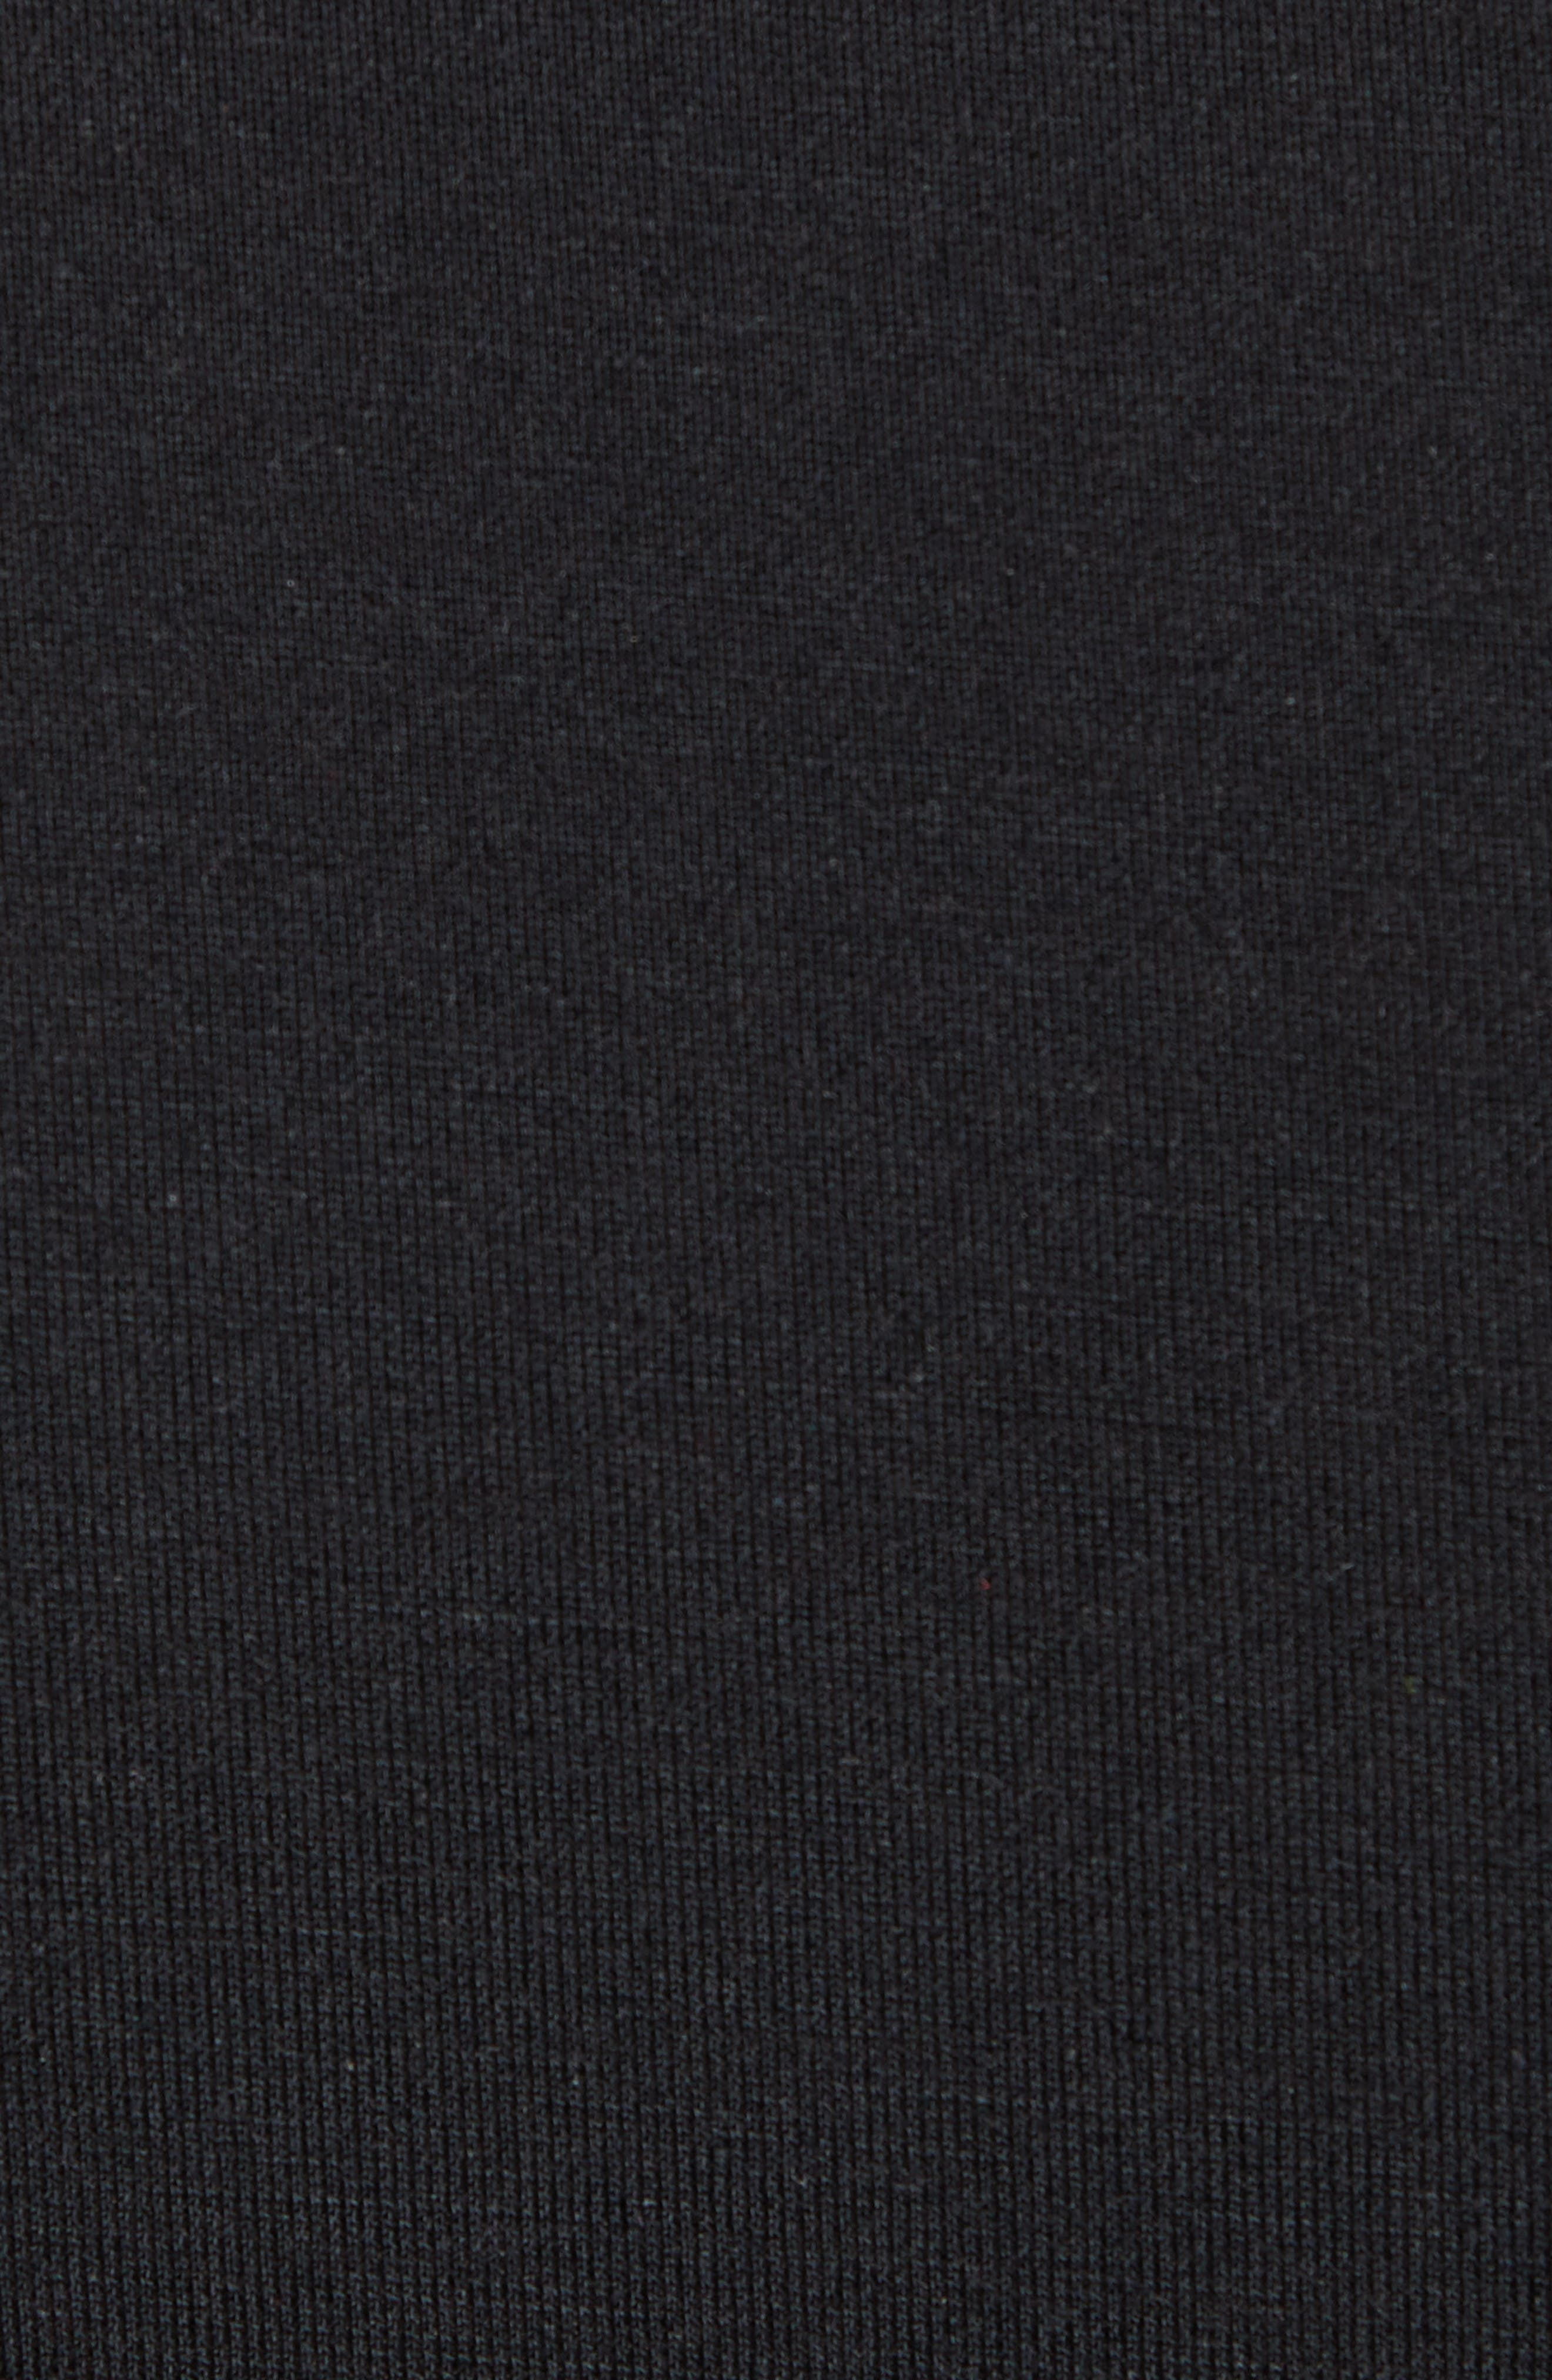 CALVIN KLEIN,                             Ultrasoft Stretch Modal V-Neck T-Shirt,                             Alternate thumbnail 5, color,                             BLACK